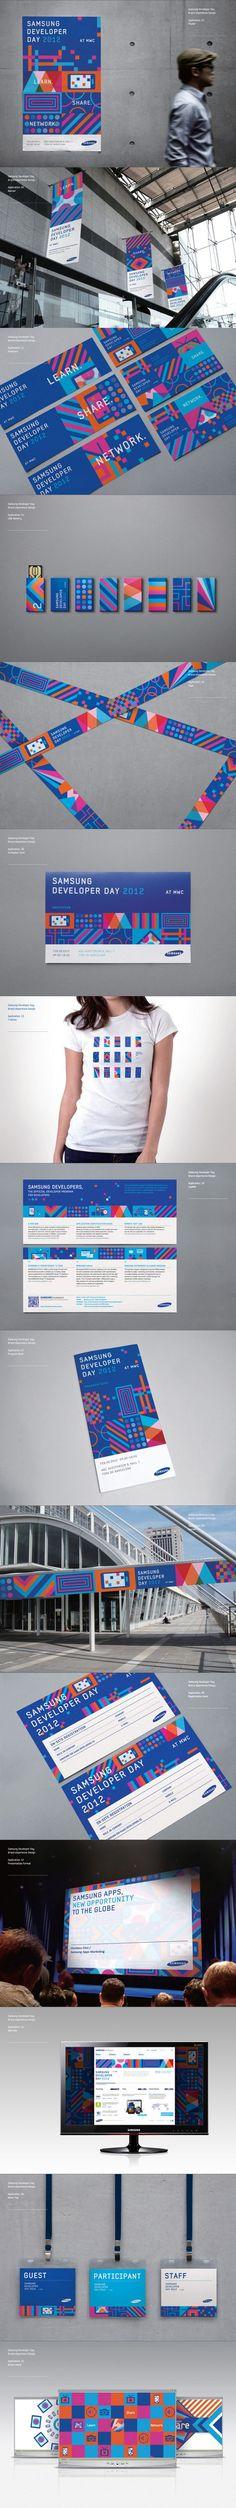 Samsung Developers Branding on Behance | Fivestar Branding – Design and Branding Agency & Inspiration Gallery